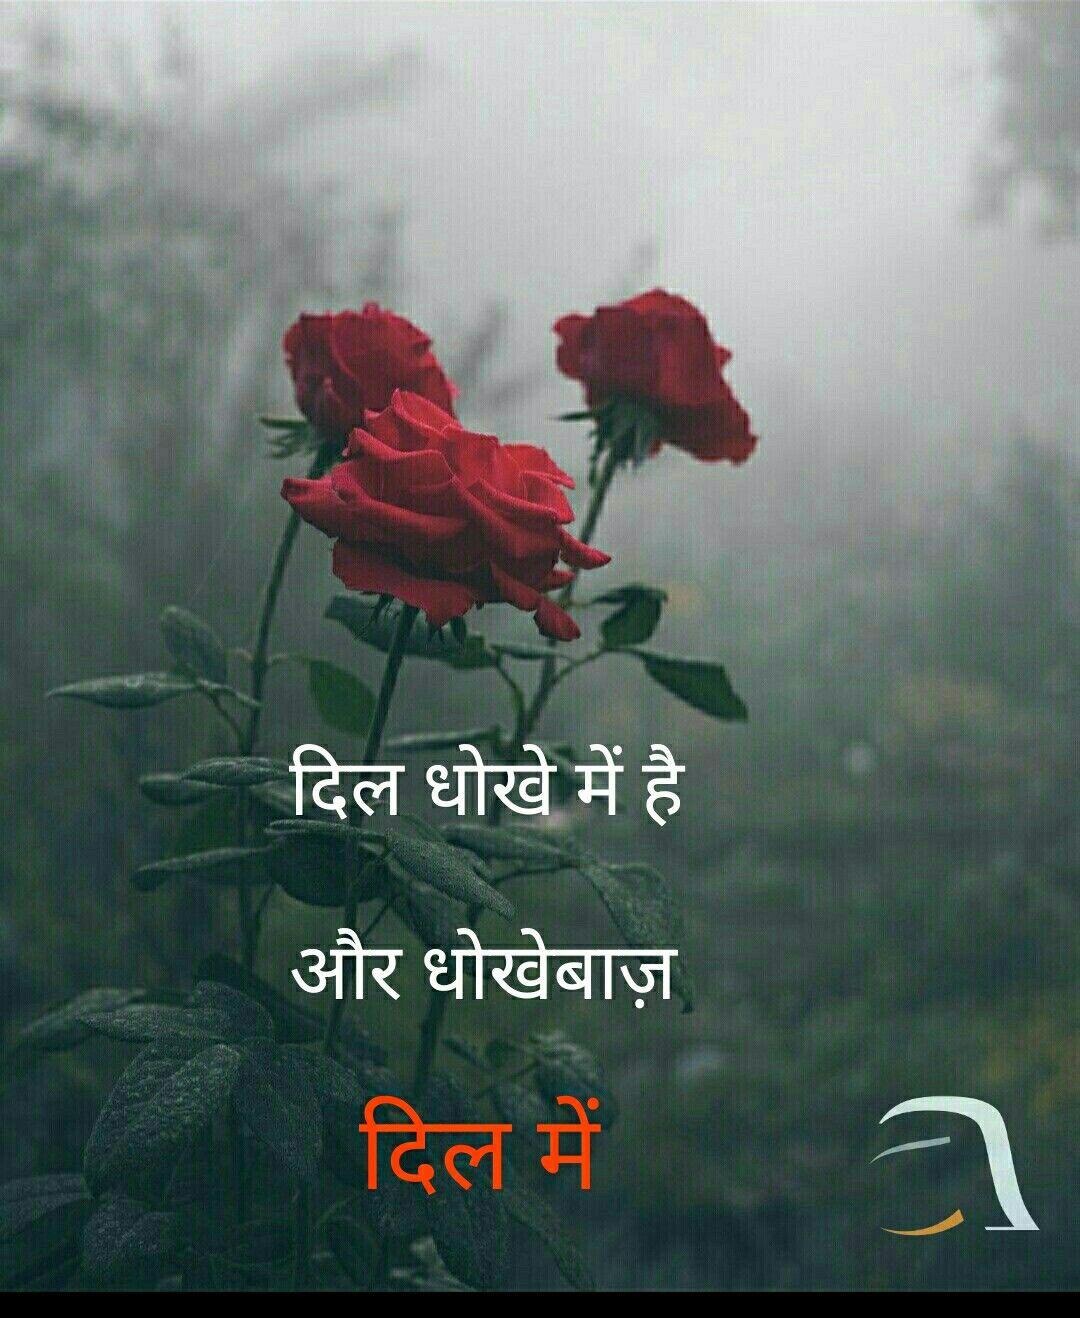 wedding anniversary wishes shayari in hindi%0A Pin by meri awaargi on Hindi Tarkash   Pinterest   Hindi quotes  Dil se and  Shortest quotes